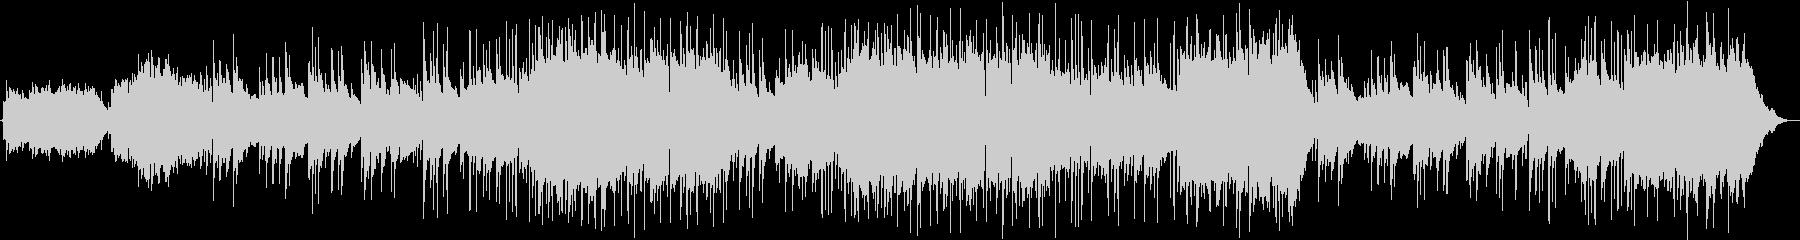 ピアノメインのBGMの未再生の波形